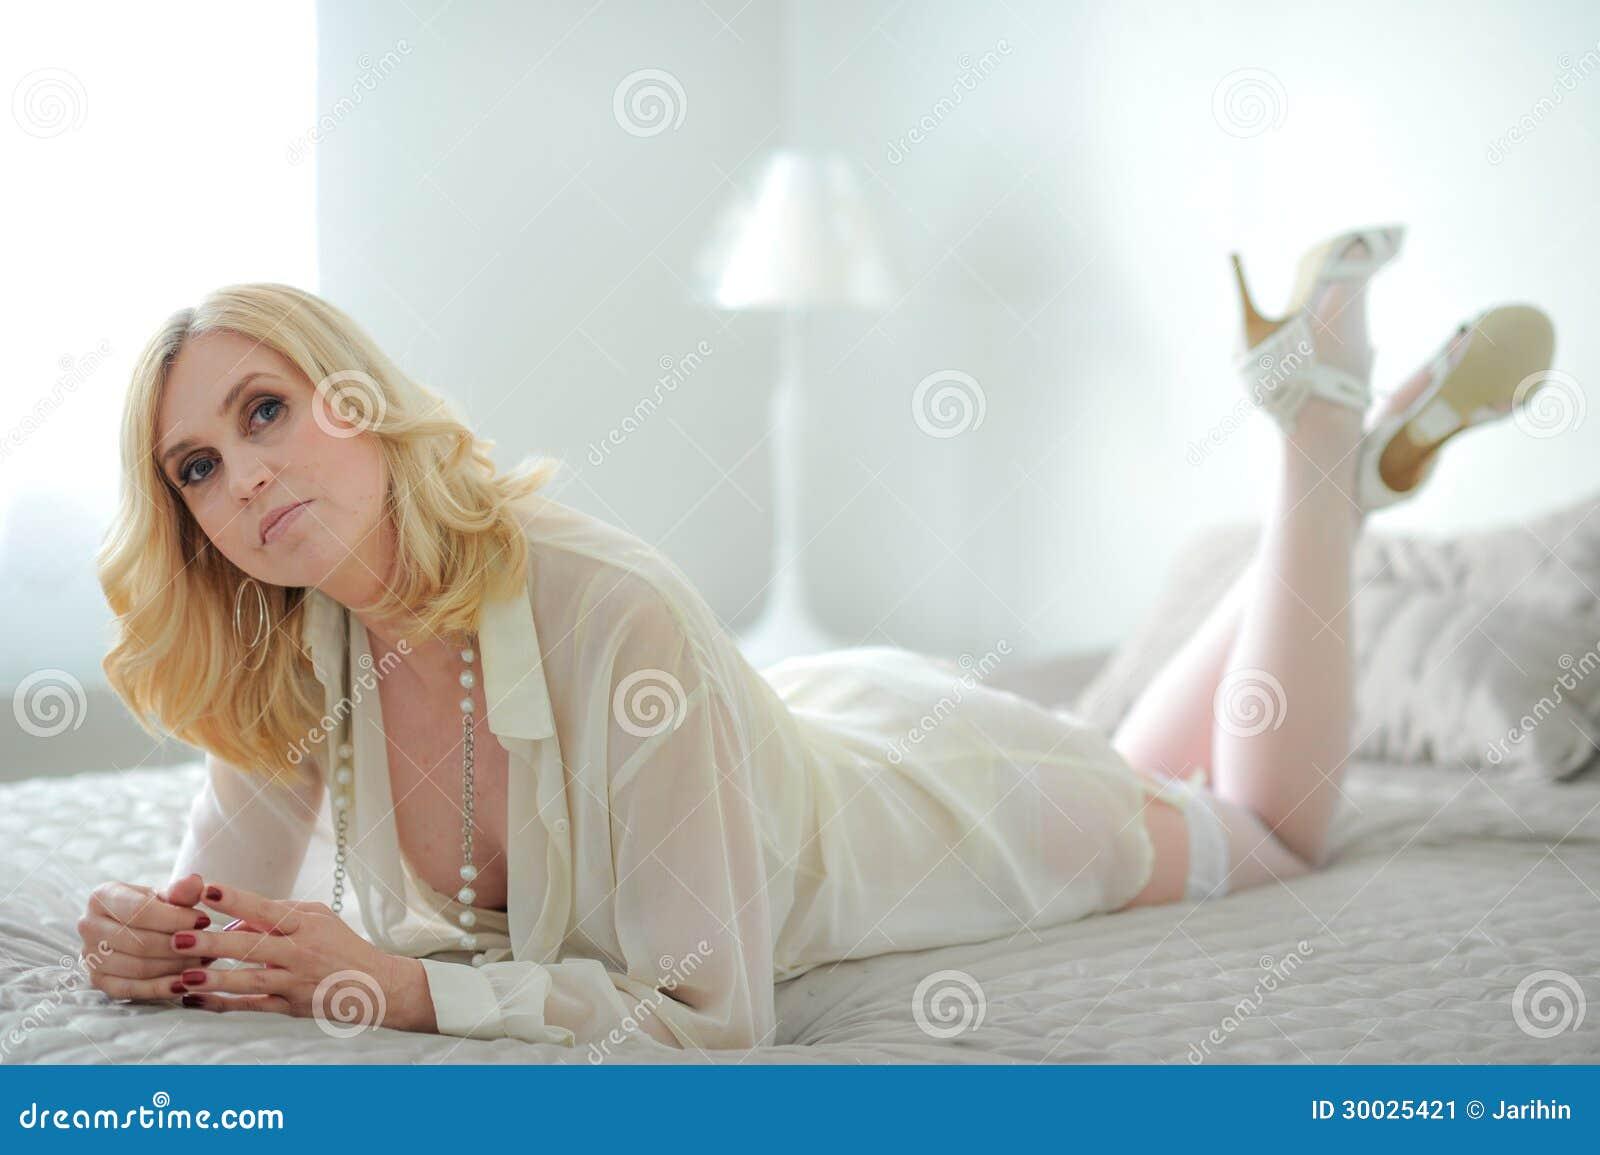 Seksowne dojrzałe zdjęcia bielizny